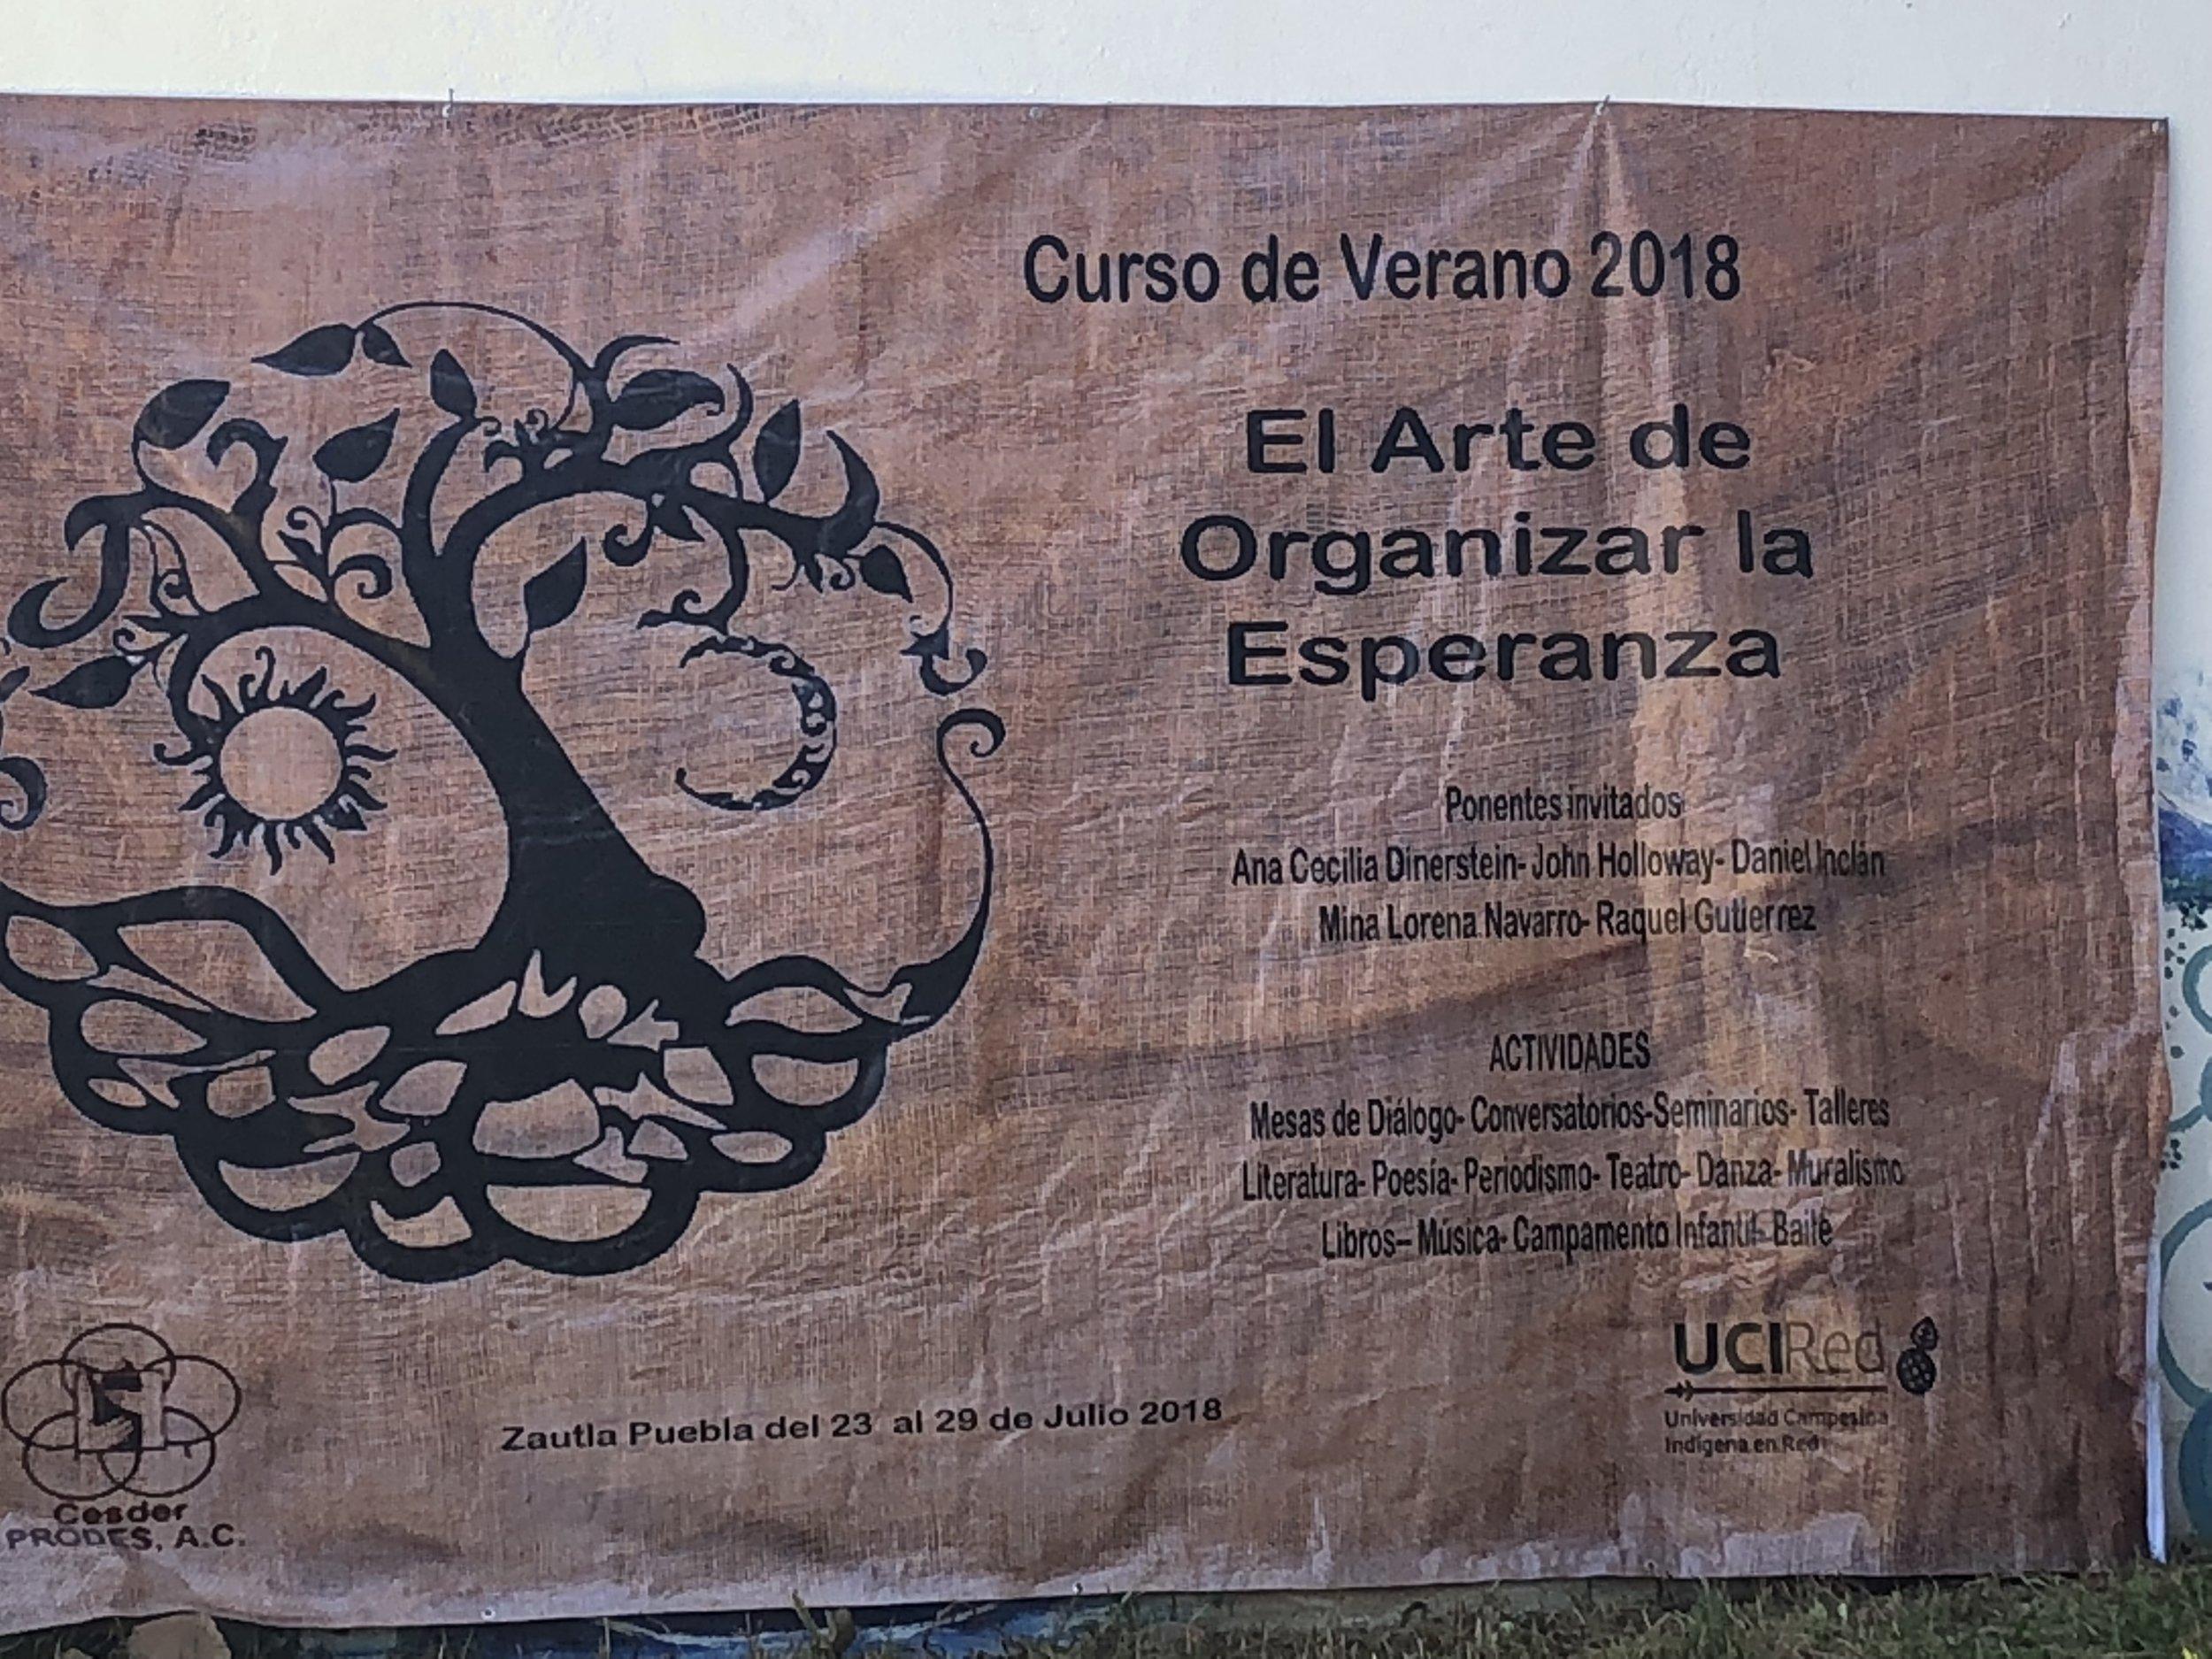 Summer Schoo l The Art of Organising Hope at CESDER, Zautla, Puebla